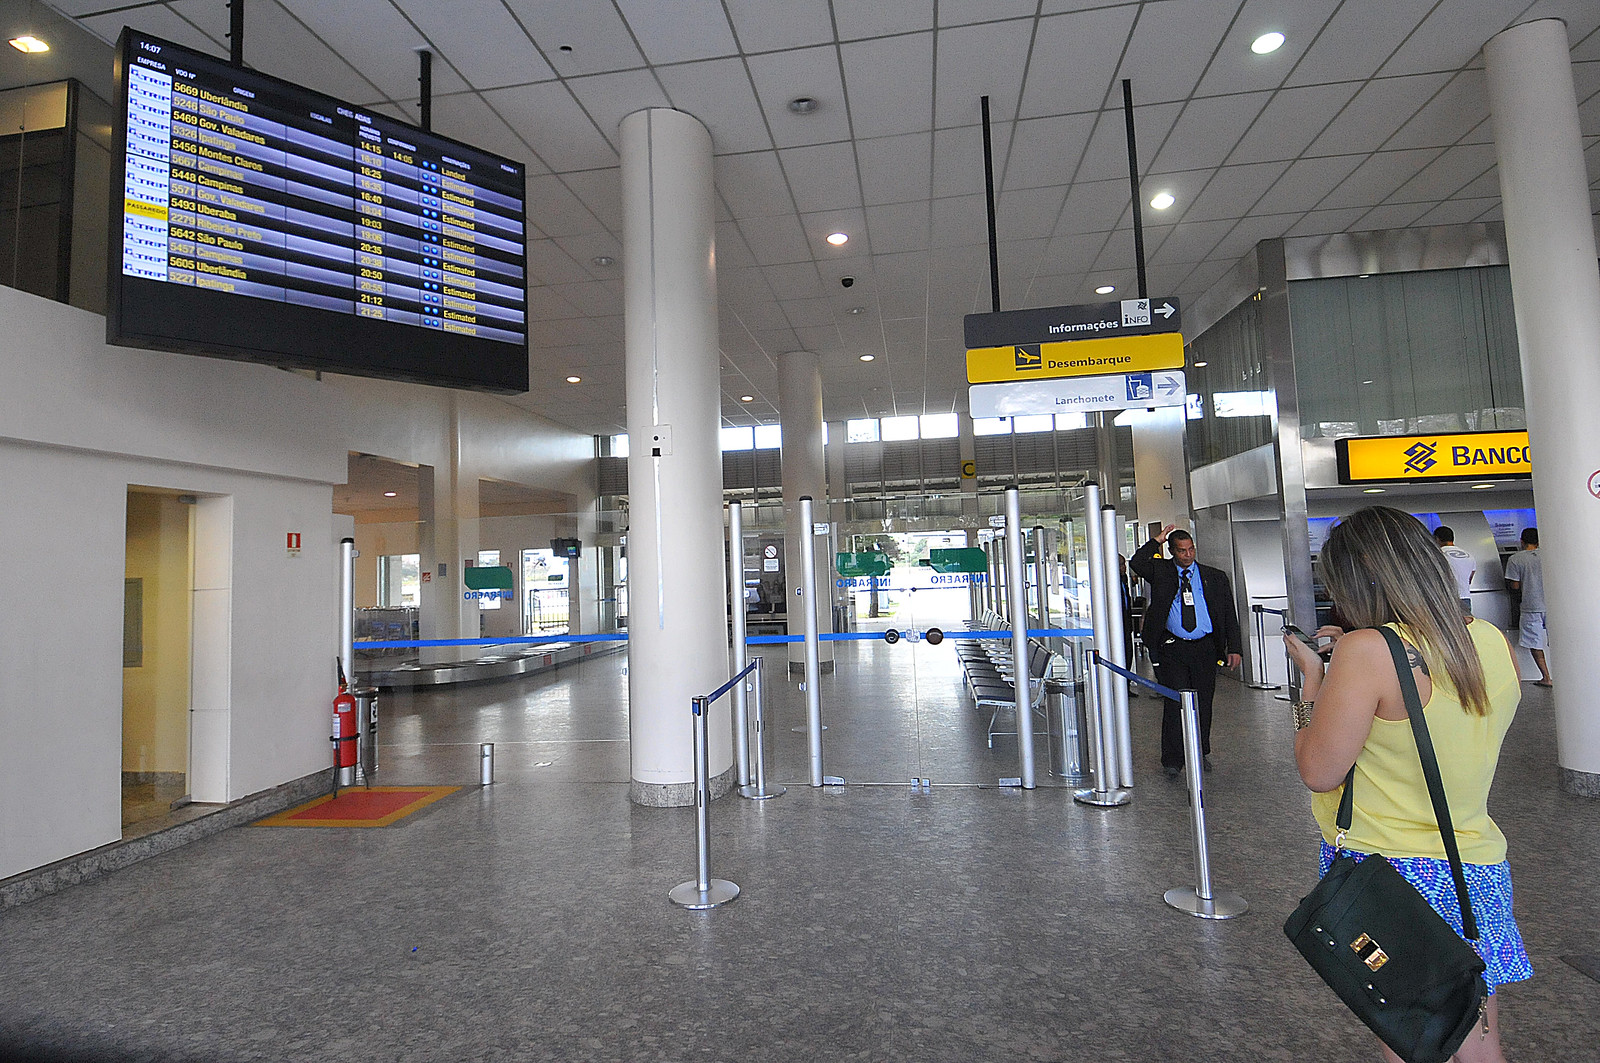 Pagina 1 - Aeroporto da Pampulha - Divino Advincula (11)